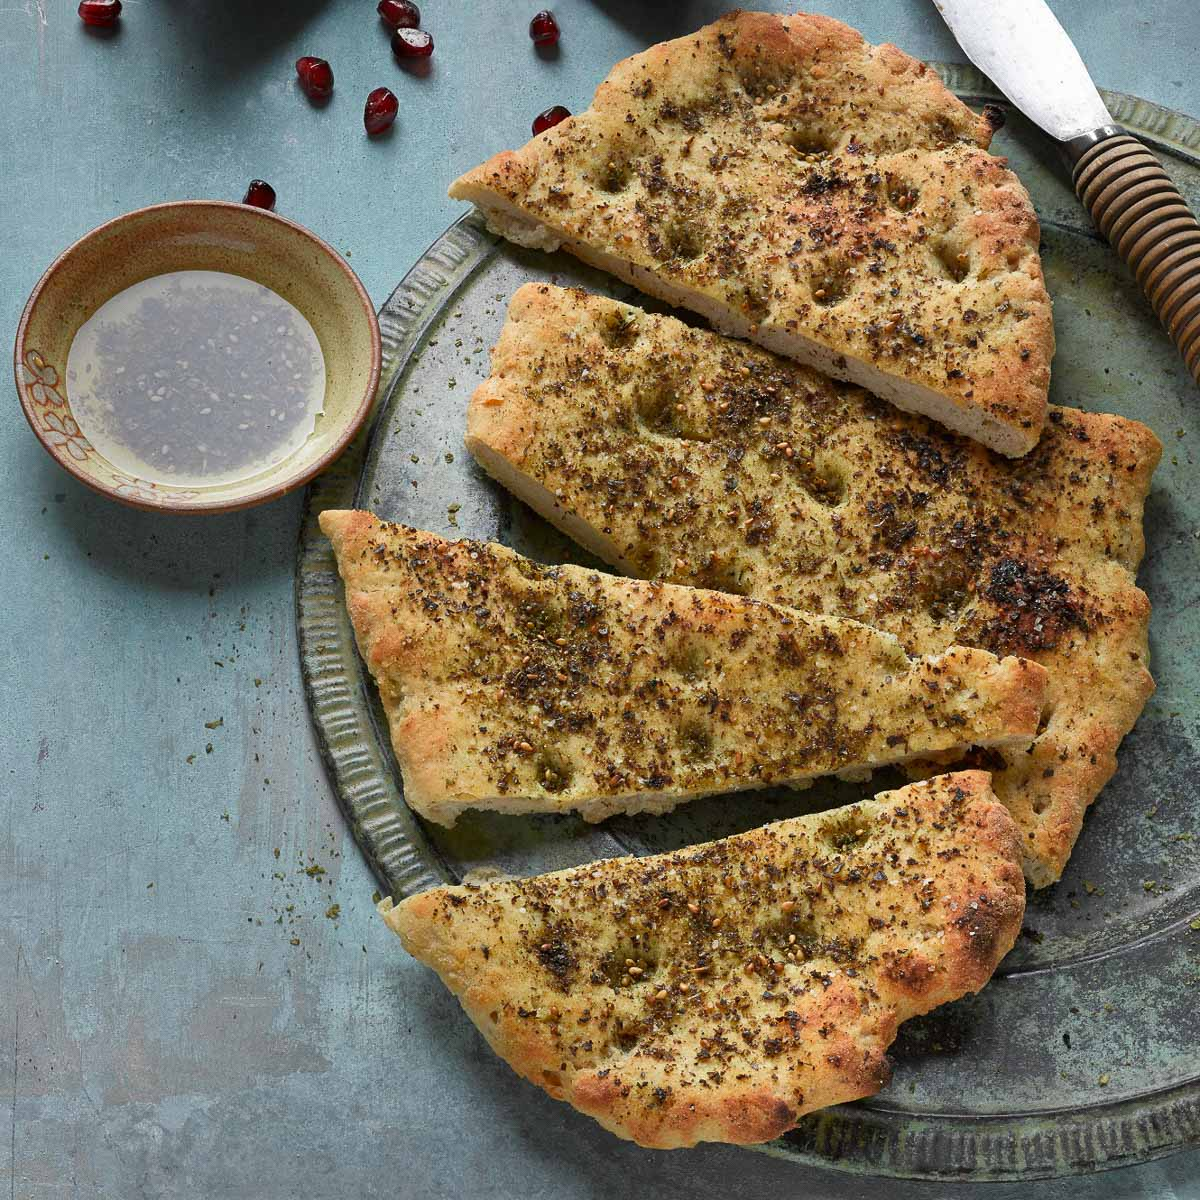 Glutenfreies Fladenbrot mit Za'atar ©Stephen Scott